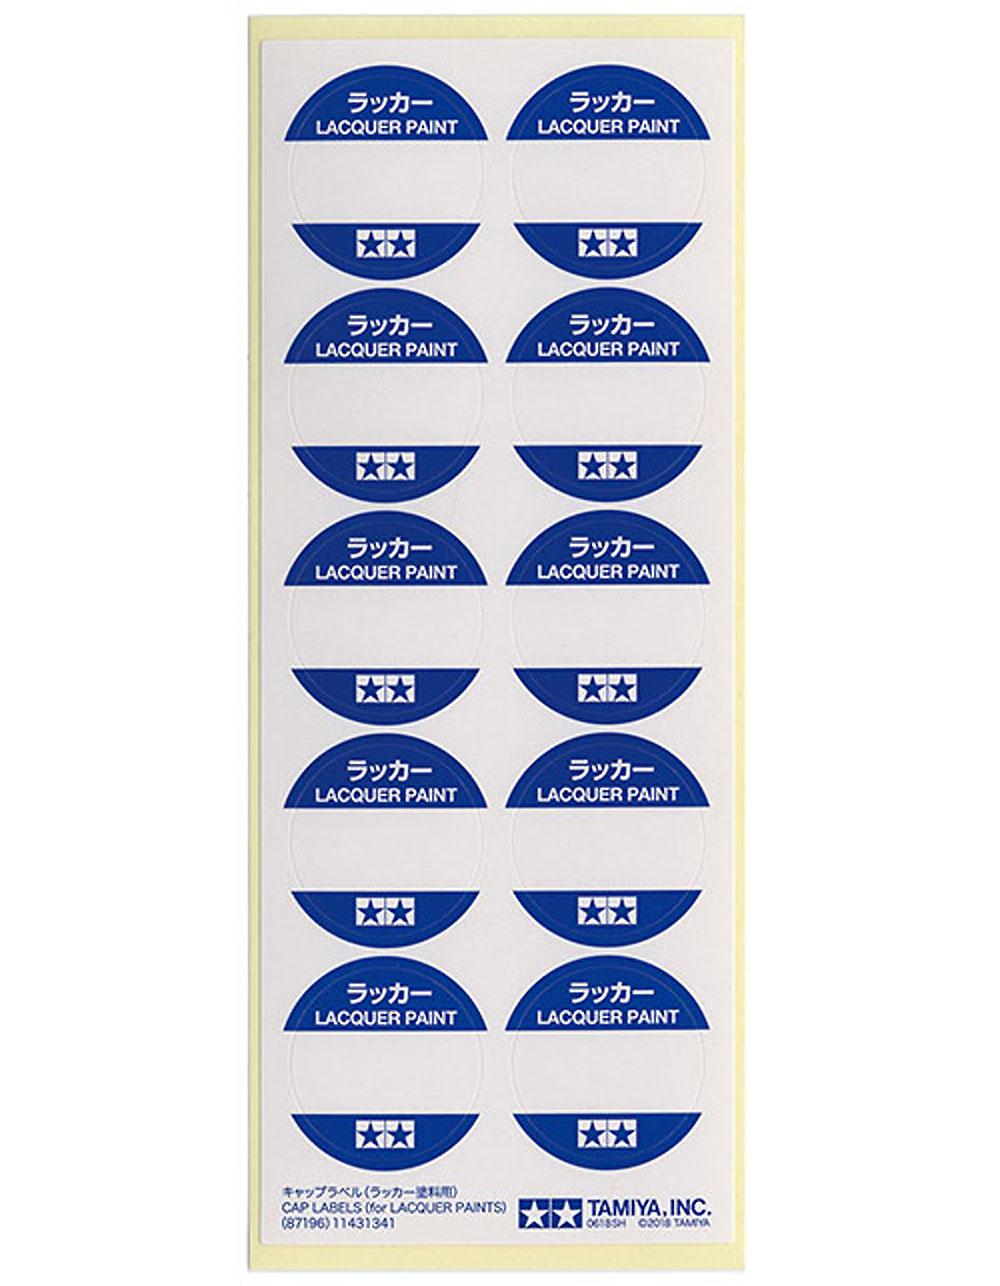 キャップラベル (ラッカー塗料用)ラベル(タミヤタミヤ クラフトツールNo.87196)商品画像_1